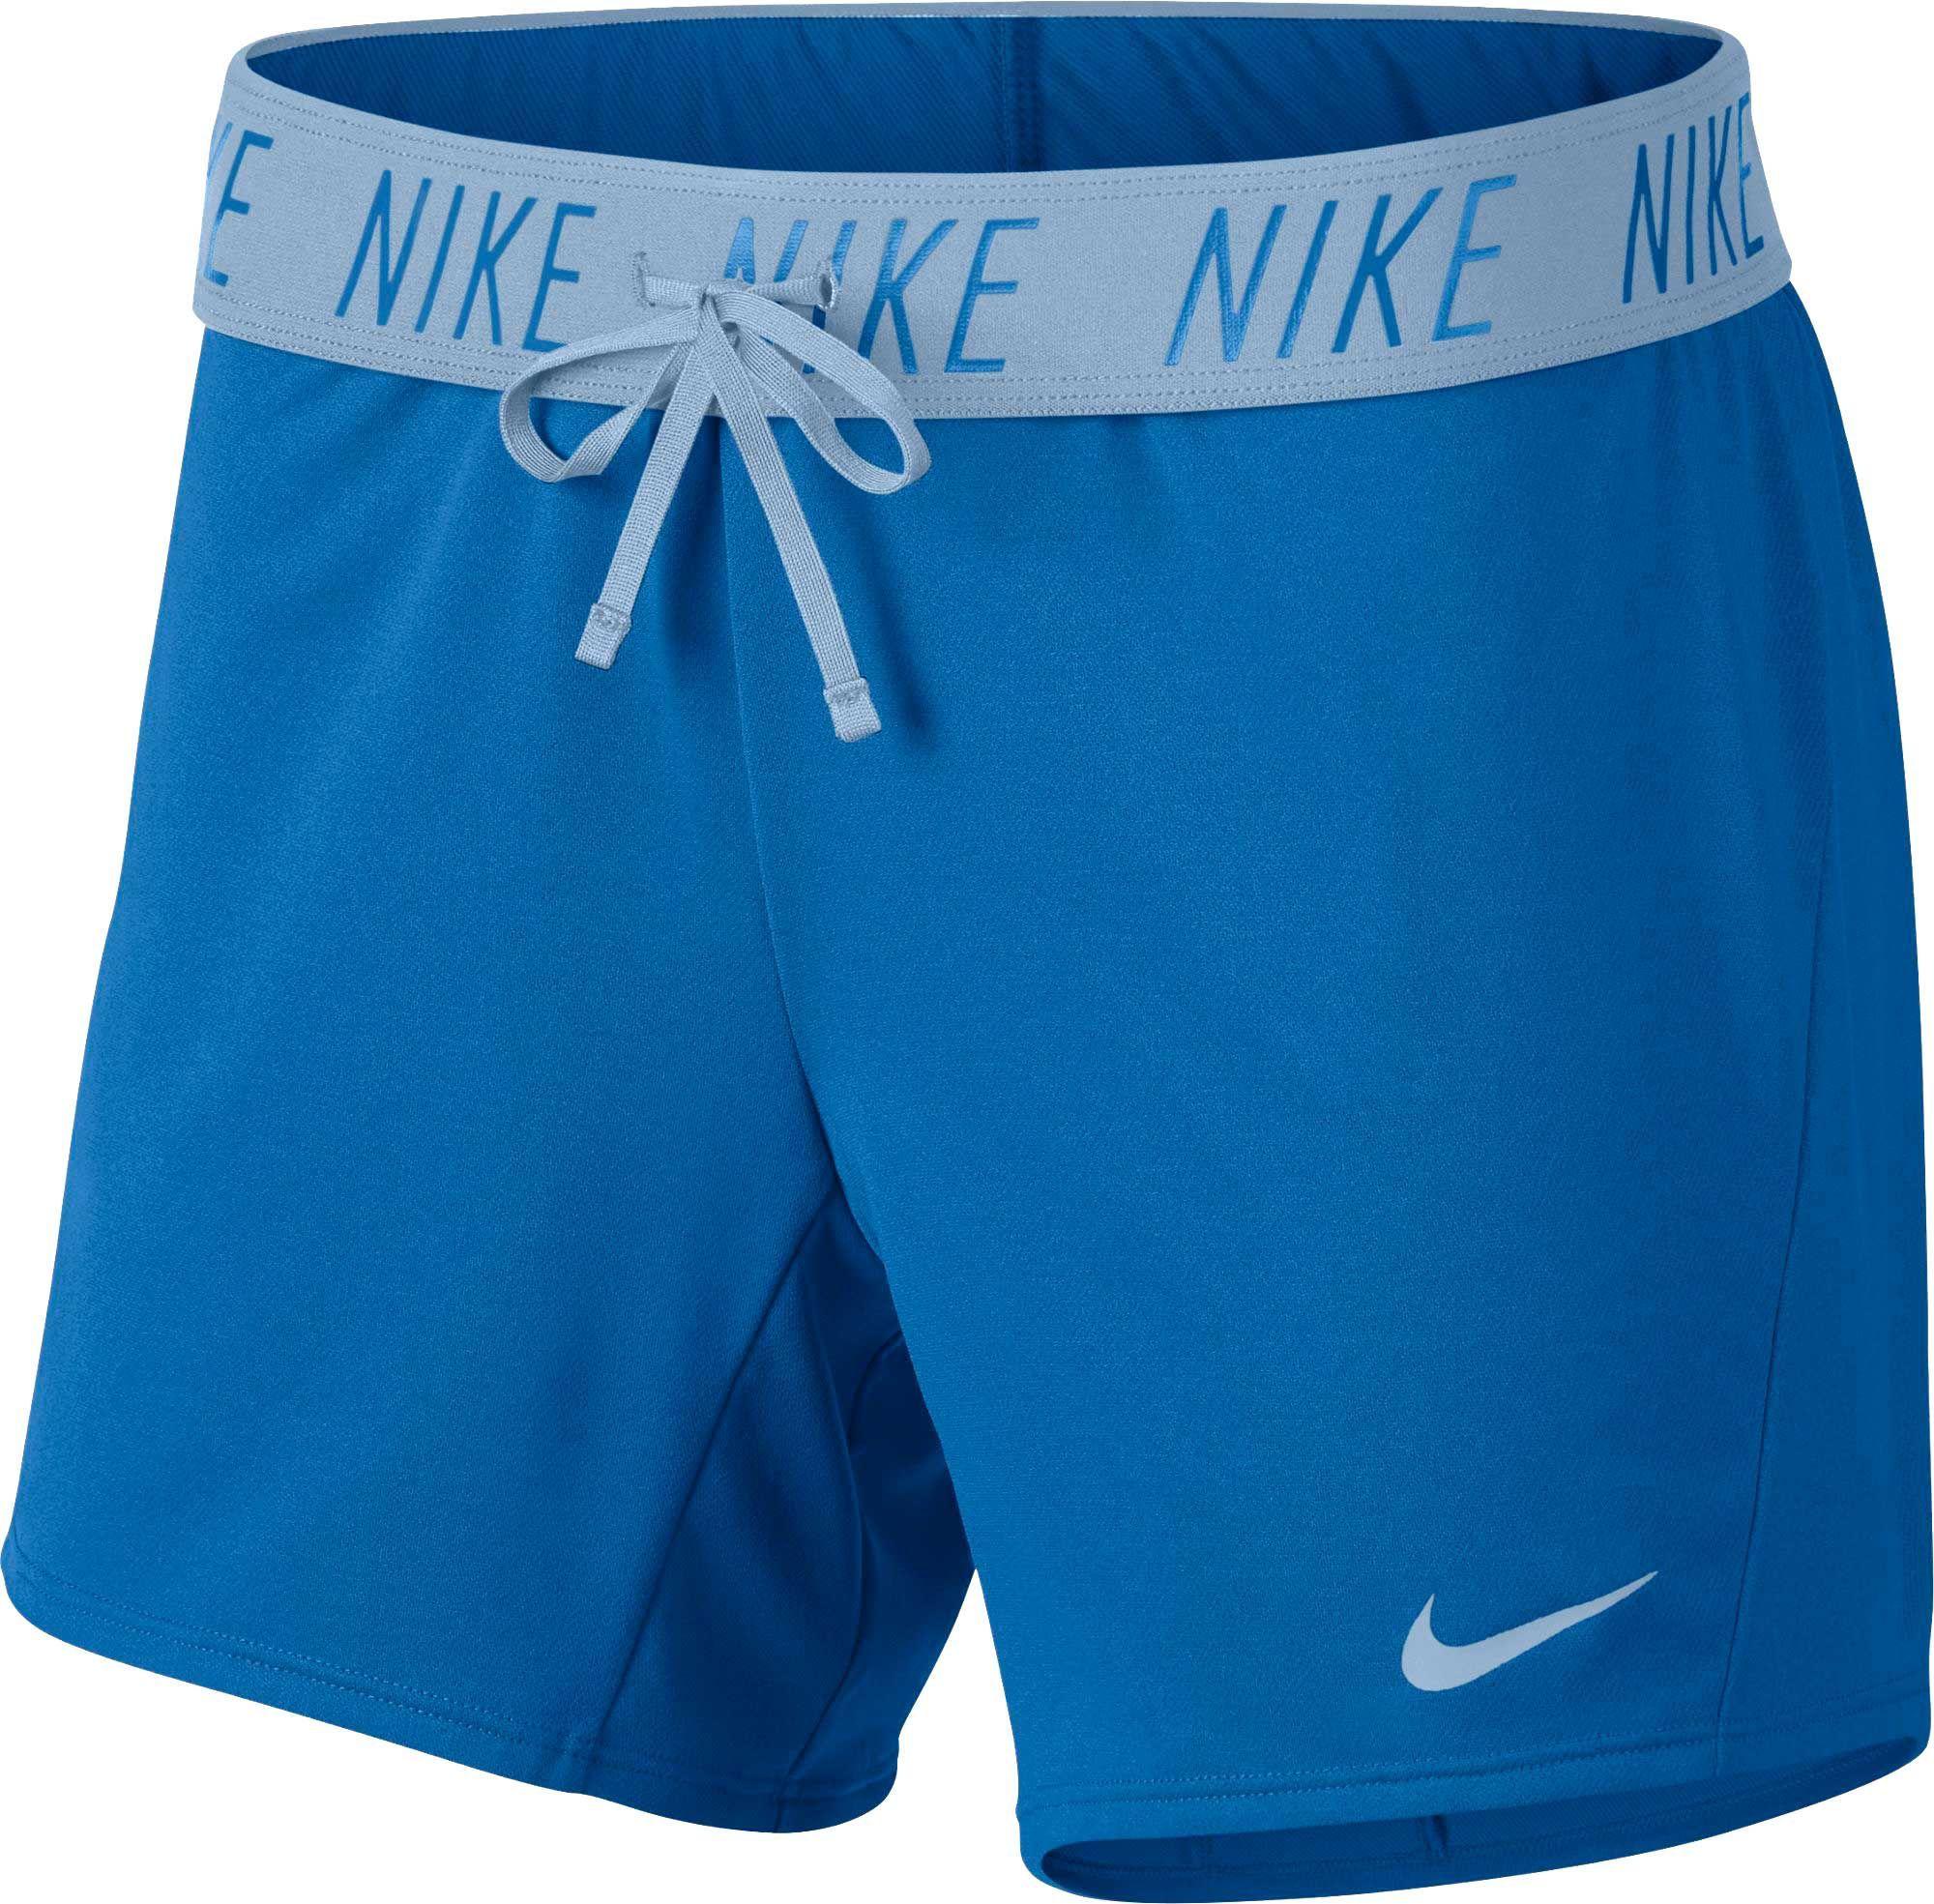 nike women's 5 shorts